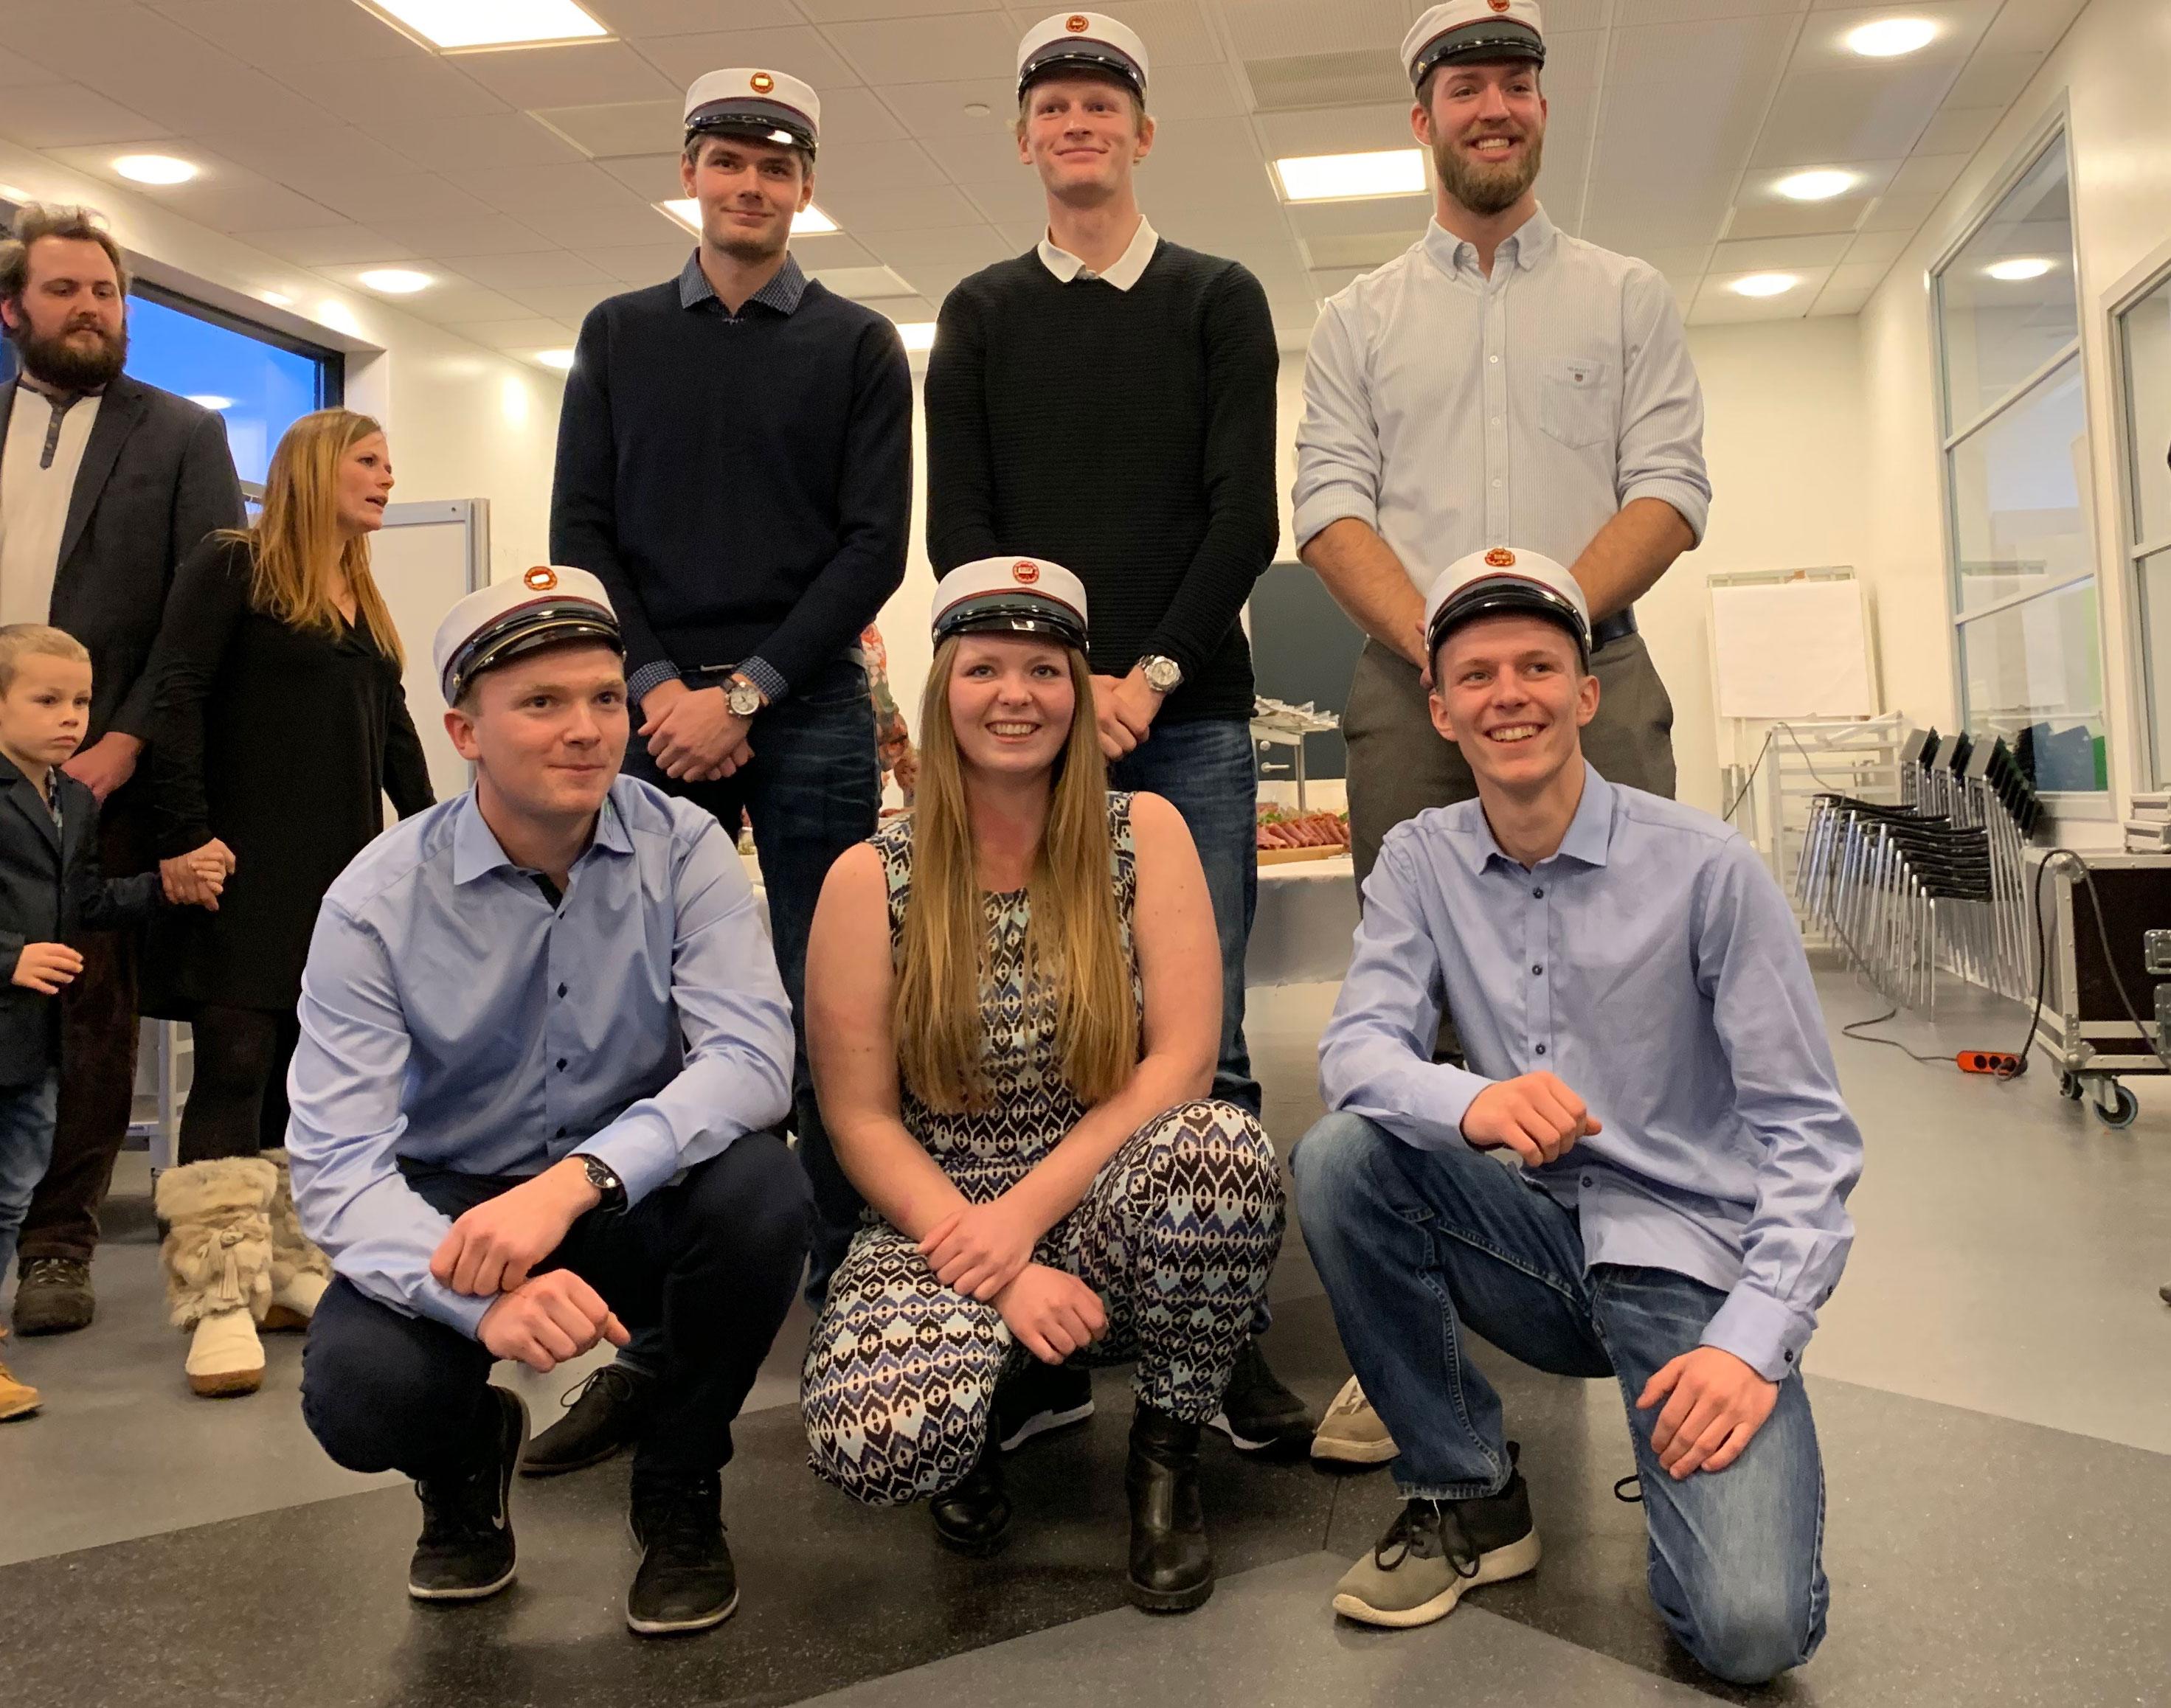 Nyuddannede EUX'ere og ventilationsteknikere fejret i Roskilde